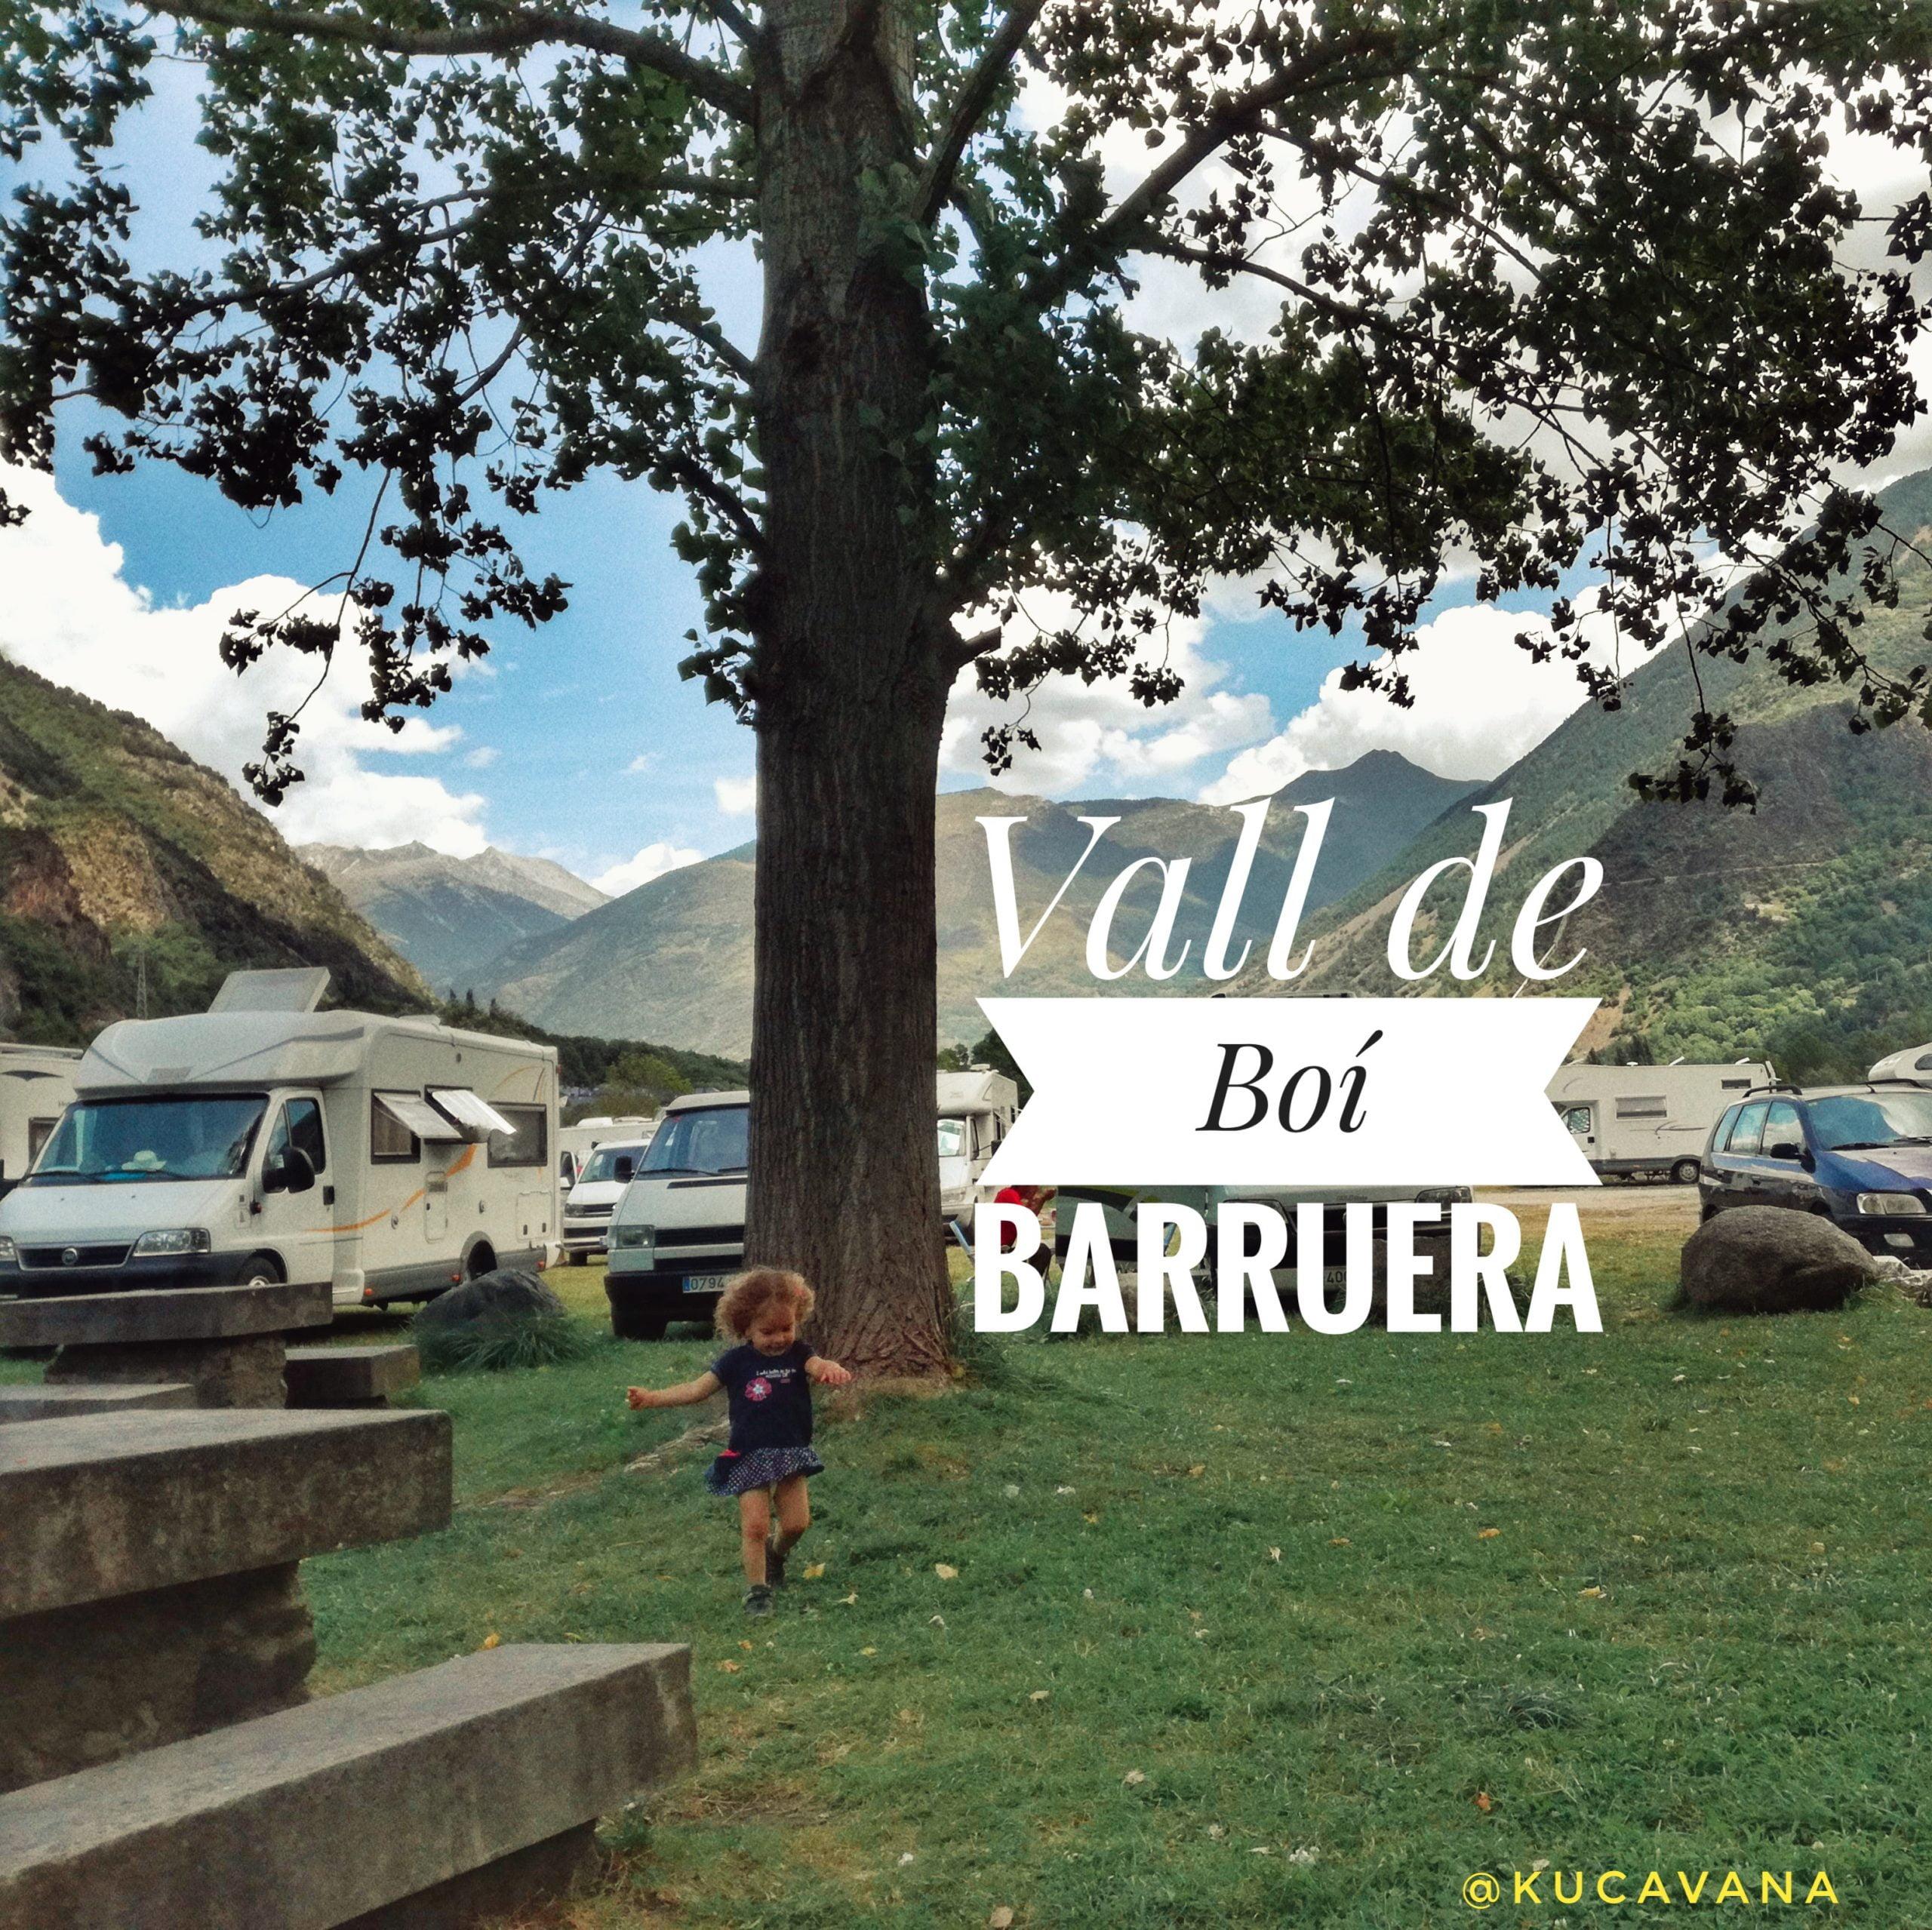 Ruta por la Vall de Boí y la gran área de autocaravanas de Barruera